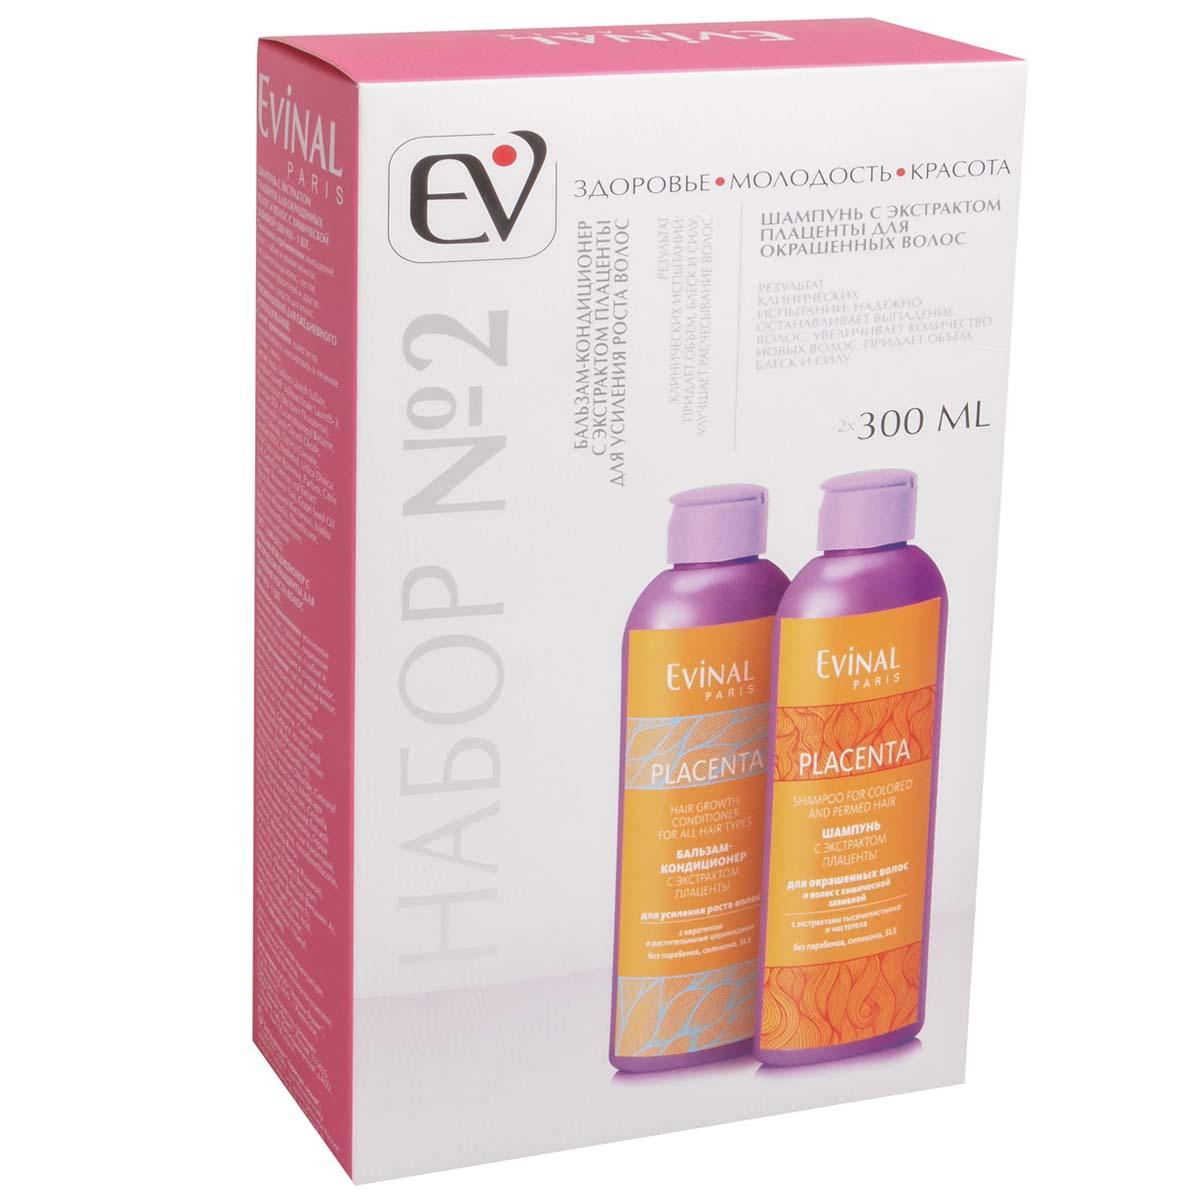 Подарочный набор Evinal №2 : Шампунь с экстрактом плаценты для окрашенных волос и волос с химической завивкой, 300мл.+Бальзам-кондиционер с экстрактом плаценты для усиления роста, 300мл.72523WDПодарочный набор №2 (Шампунь с экстрактом плаценты для окрашенных волос и волос с химической завивкой 300мл.+Бальзам-кондиционер с экстрактом плаценты для усиления роста 300мл. ) в коробке. Состоит из: шампуня с экстрактом плаценты для окрашенных волос и волос с химической завивкой и бальзама-кондиционера с экстрактом плаценты для усиления роста волос. ШАМПУНЬ С ЭКСТРАКТОМ ПЛАЦЕНТЫ ДЛЯ ОКРАШЕННЫХ ВОЛОС И ВОЛОС С ХИМИЧЕСКОЙ ЗАВИВКОЙ-Показания к применению: выпадение волос, слабые и ломкие волосы, секущиеся концы волос. Частое применение красителей и других химических средств для волос.Результат клинических испытаний: шампунь надежно останавливает выпадение волос в 83% случаев, усиливает рост новых волос до 3см за 60дней применения шампуня в 90% случаев, придает объем блеск и силу в 100% случаев. БАЛЬЗАМ-КОНДИЦИОНЕР С ЭКСТРАКТОМ ПЛАЦЕНТЫ ДЛЯ УСИЛЕНИЯ РОСТА ВОЛОС-Показания к применению: усиленное выпадение волос, тусклые лишенные жизненного блеска волосы, слабые и ломкие волосы, секущиеся концы.Результат клинических испытаний: Надежно останавливает выпадение волос, увеличивает количество новых растущих волос, придает объем, блеск и силу, улучшает расчесывание волос. Рекомендован для ежедневного использования. Максимальный эффект достигается при совместном использовании шампуня и бальзама на плаценте в течение 60 дней. Срок годности 24 месяца.